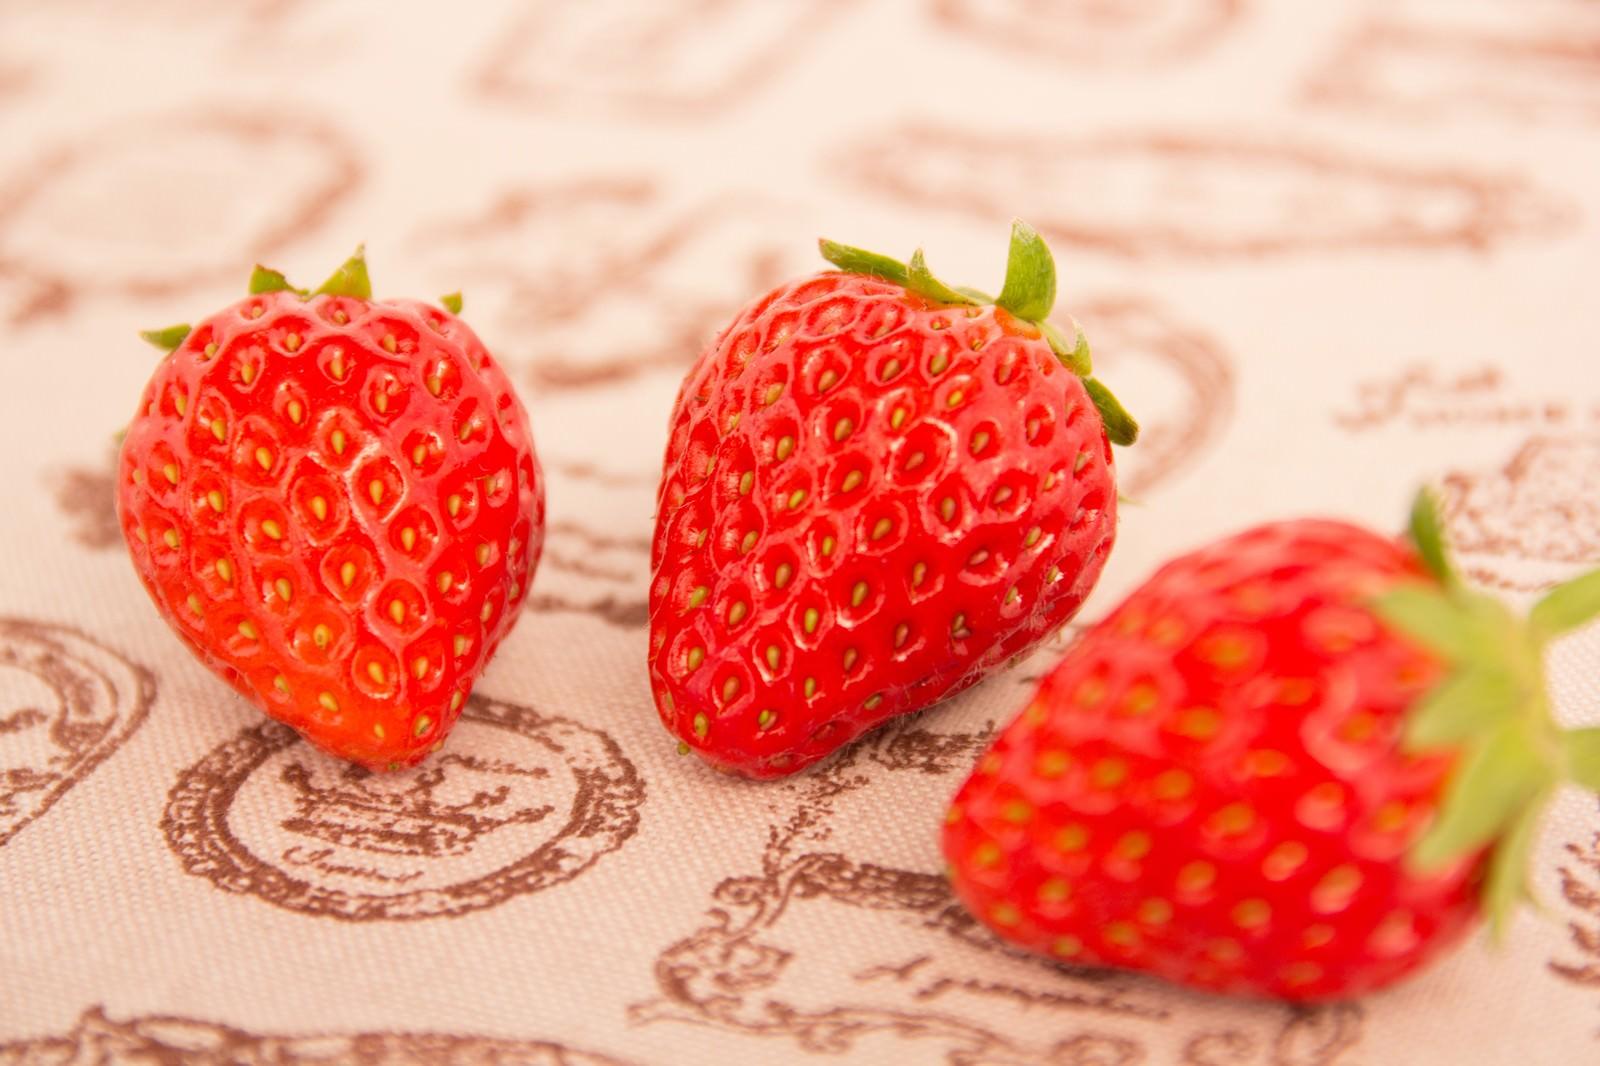 「イチゴ3つイチゴ3つ」のフリー写真素材を拡大